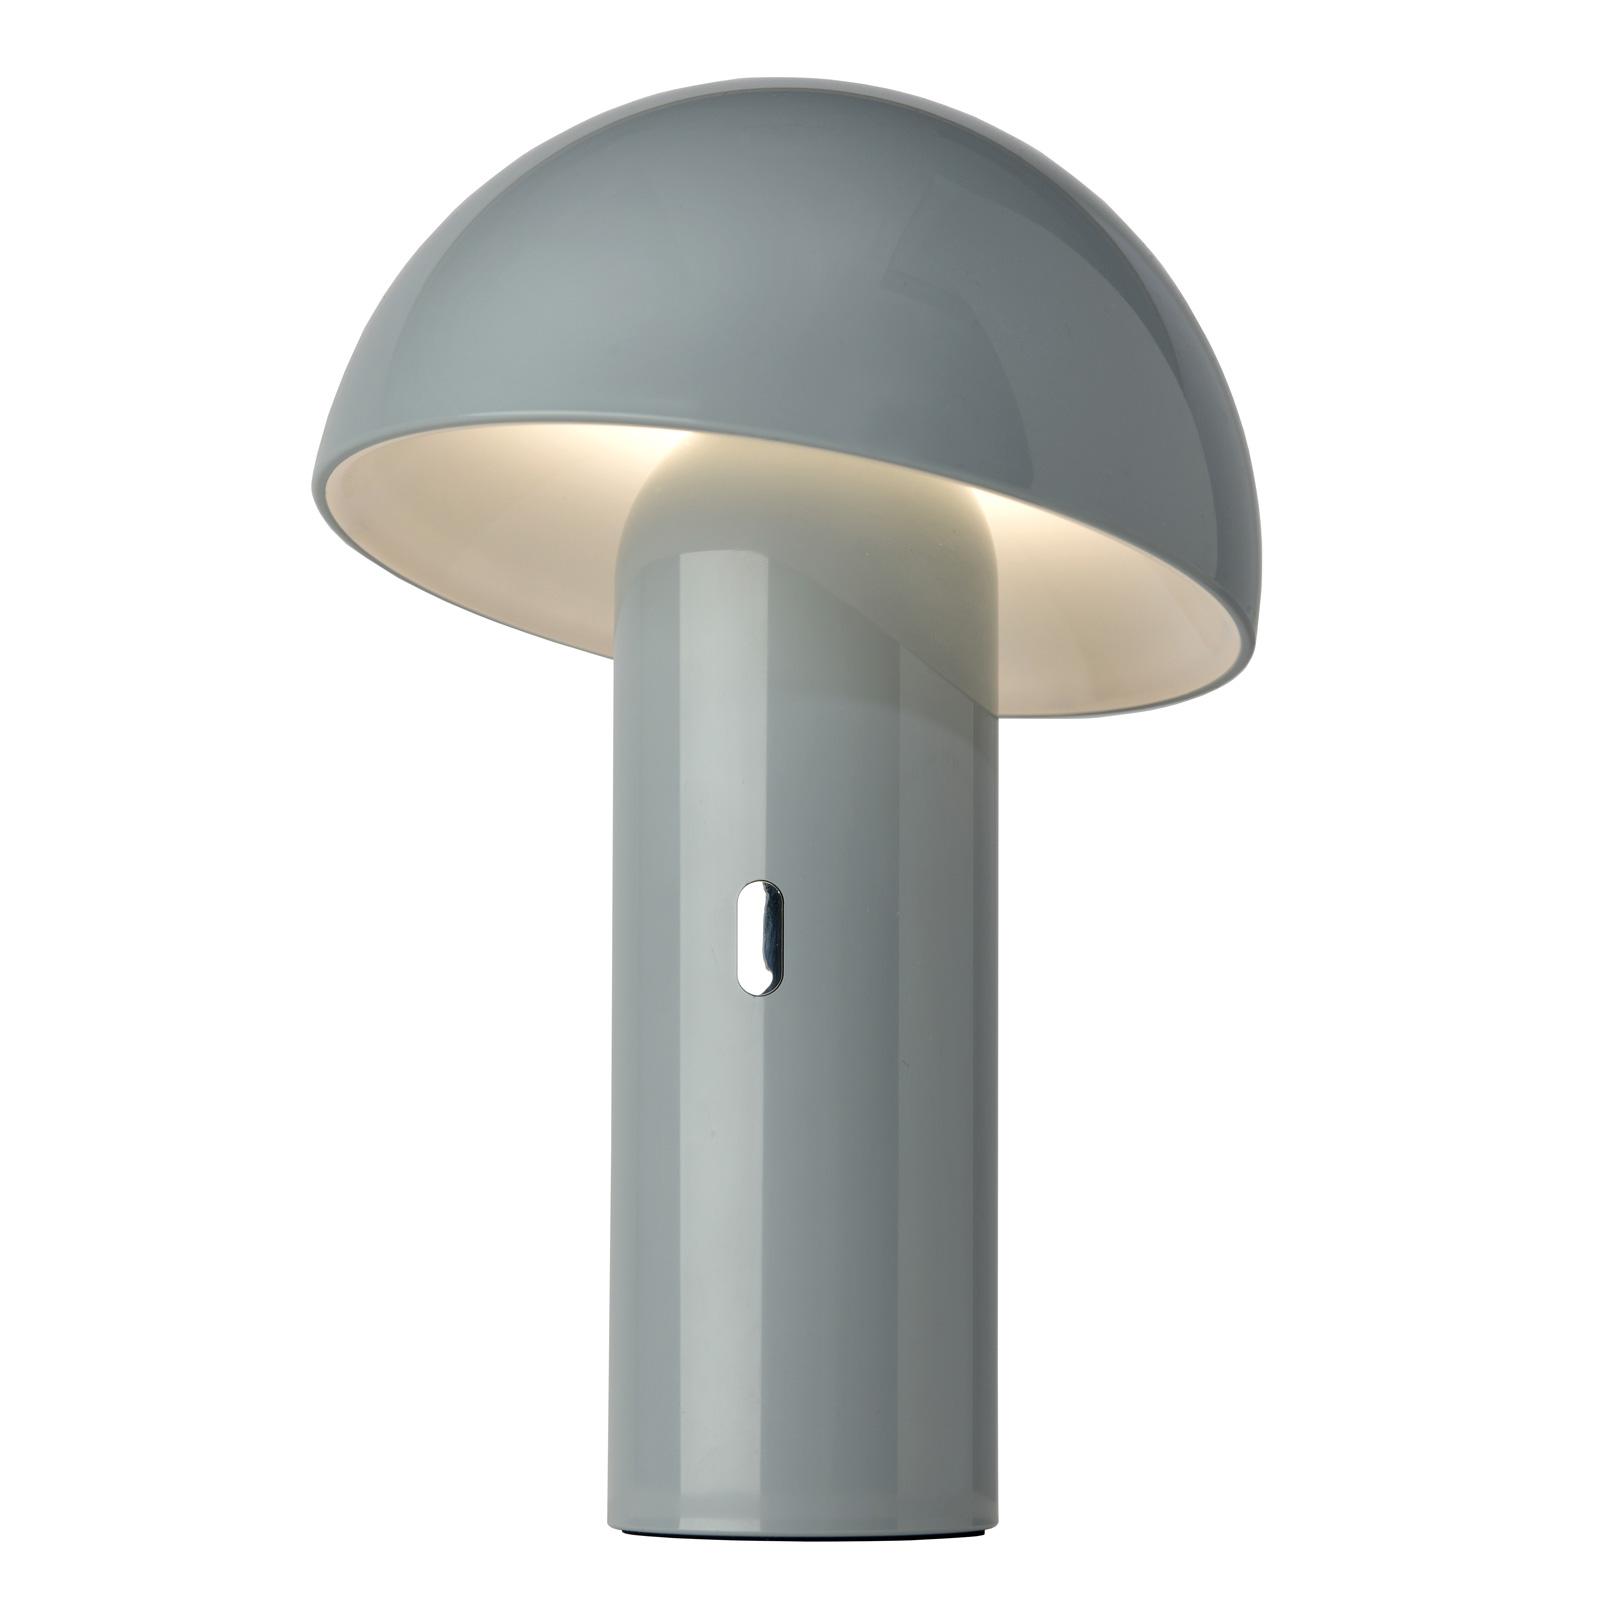 LED-Tischleuchte Svamp mit Akku, drehbar, grau